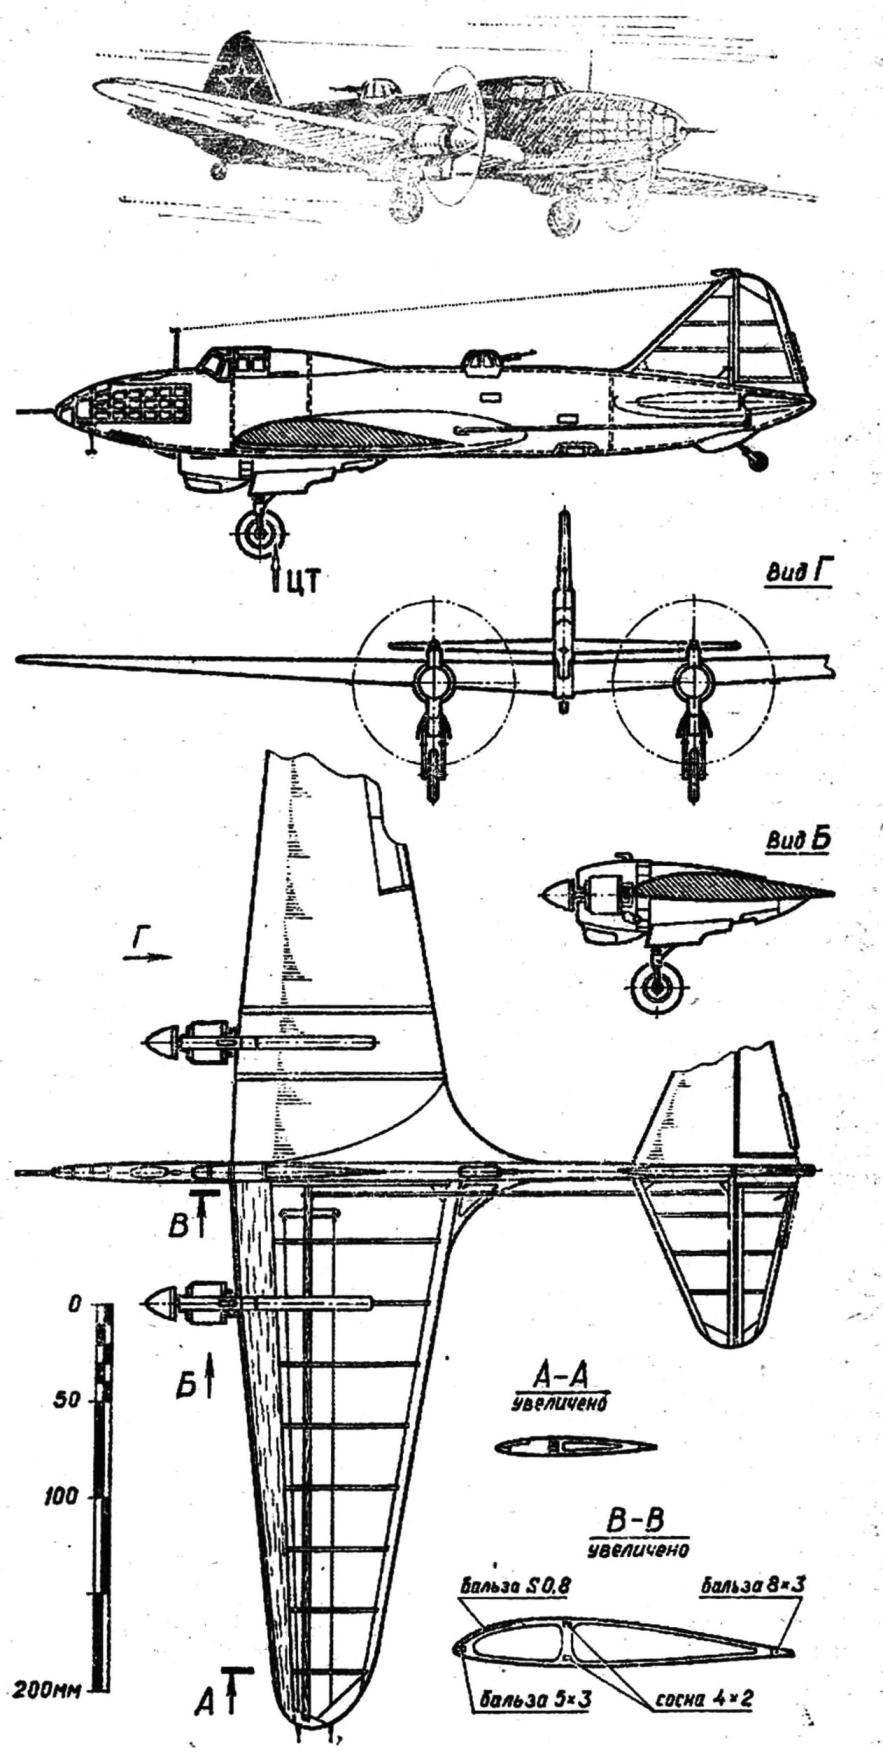 Рис. 1. Кордовая модель-копия Ил-4 с двумя электродвигателями и упрощенными фюзеляжем и мотогондолами.